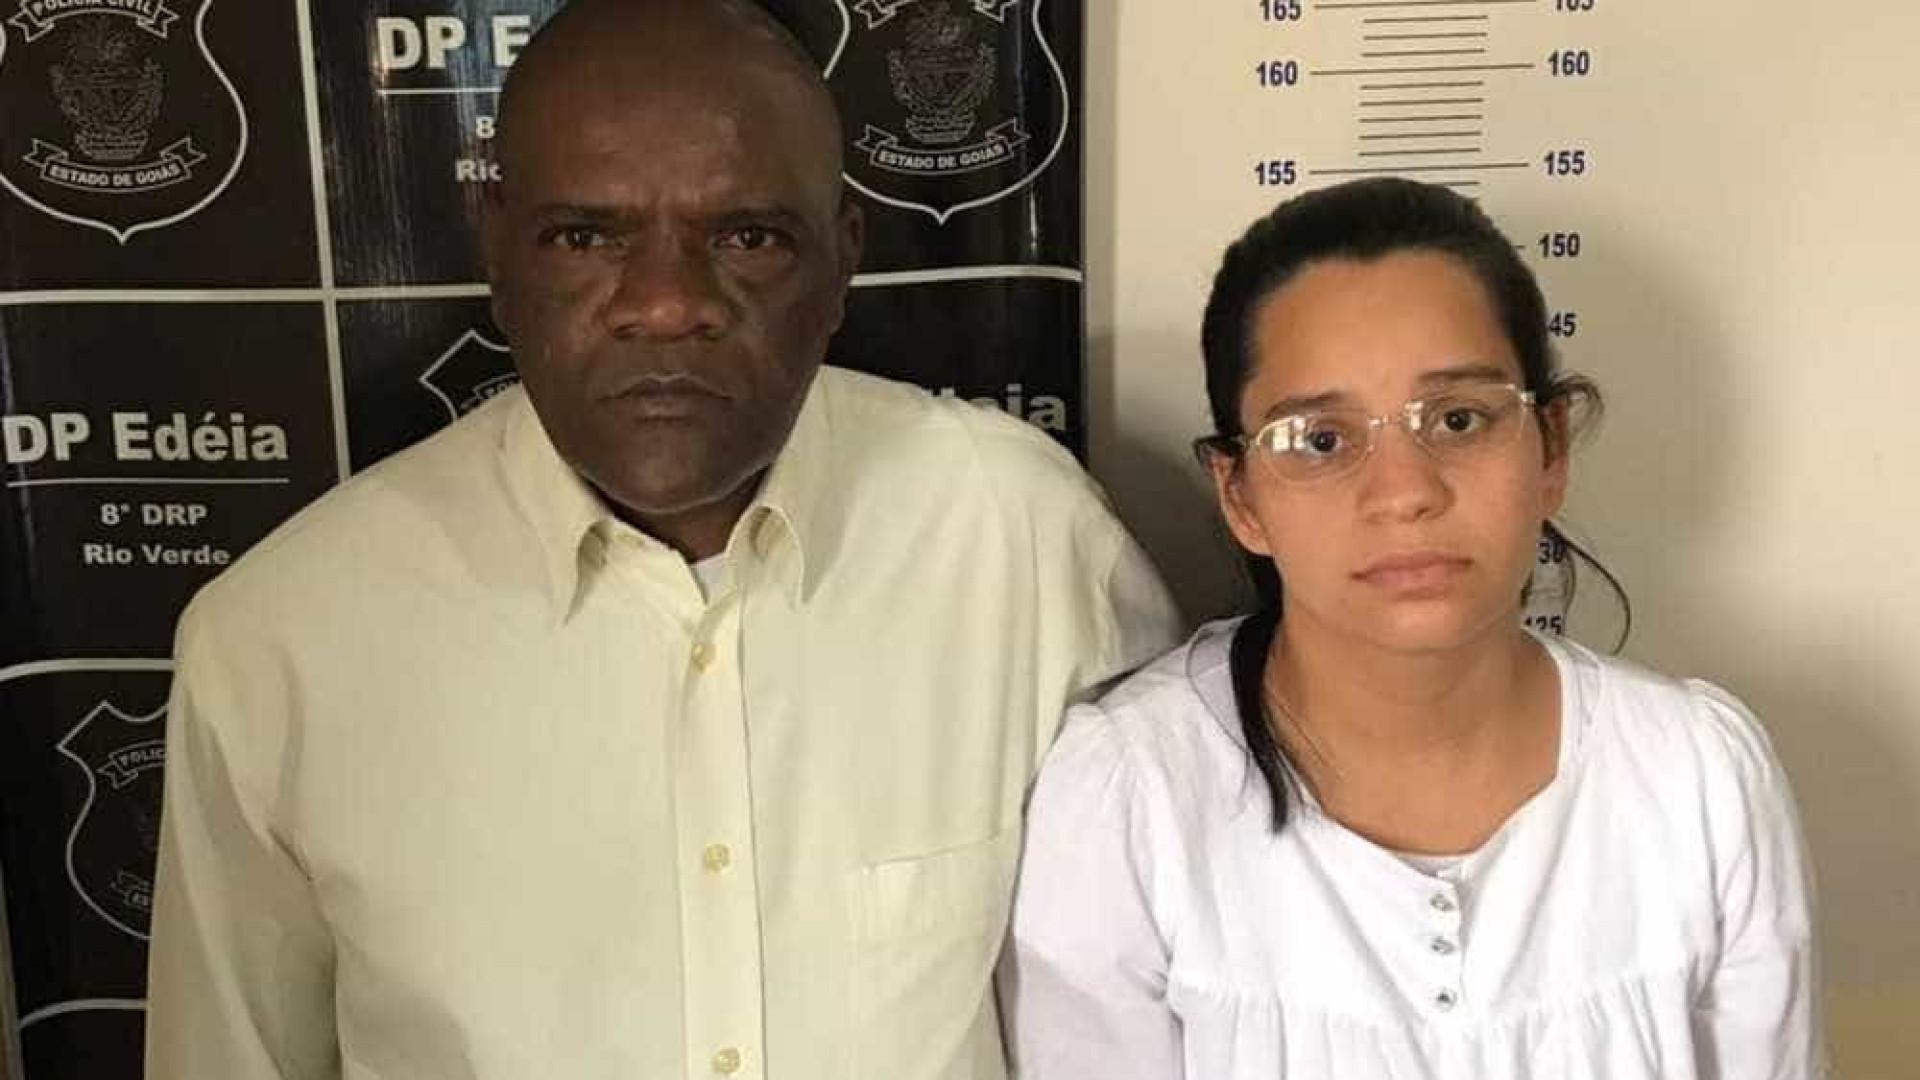 Pastores são indiciados por estupros de membros de igreja em Goiás